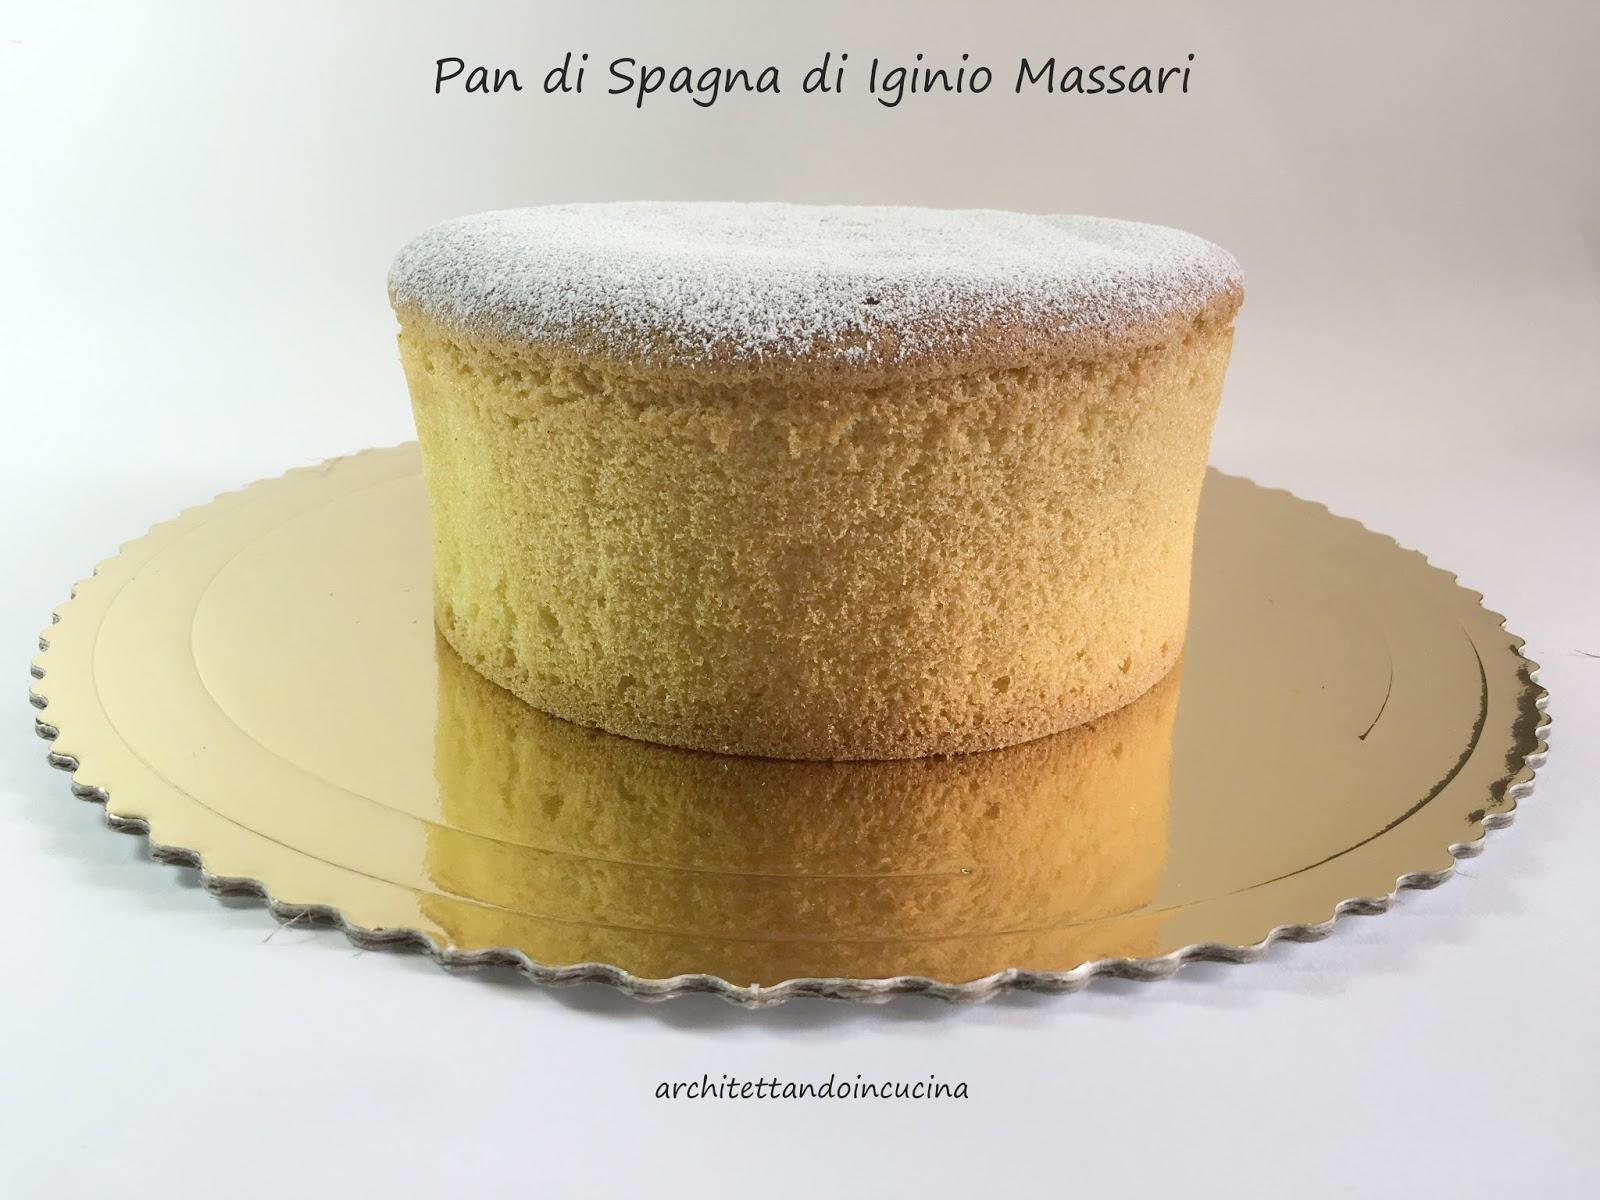 Torte Da Credenza Iginio Massari : Architettando in cucina pan di spagna iginio massari e le